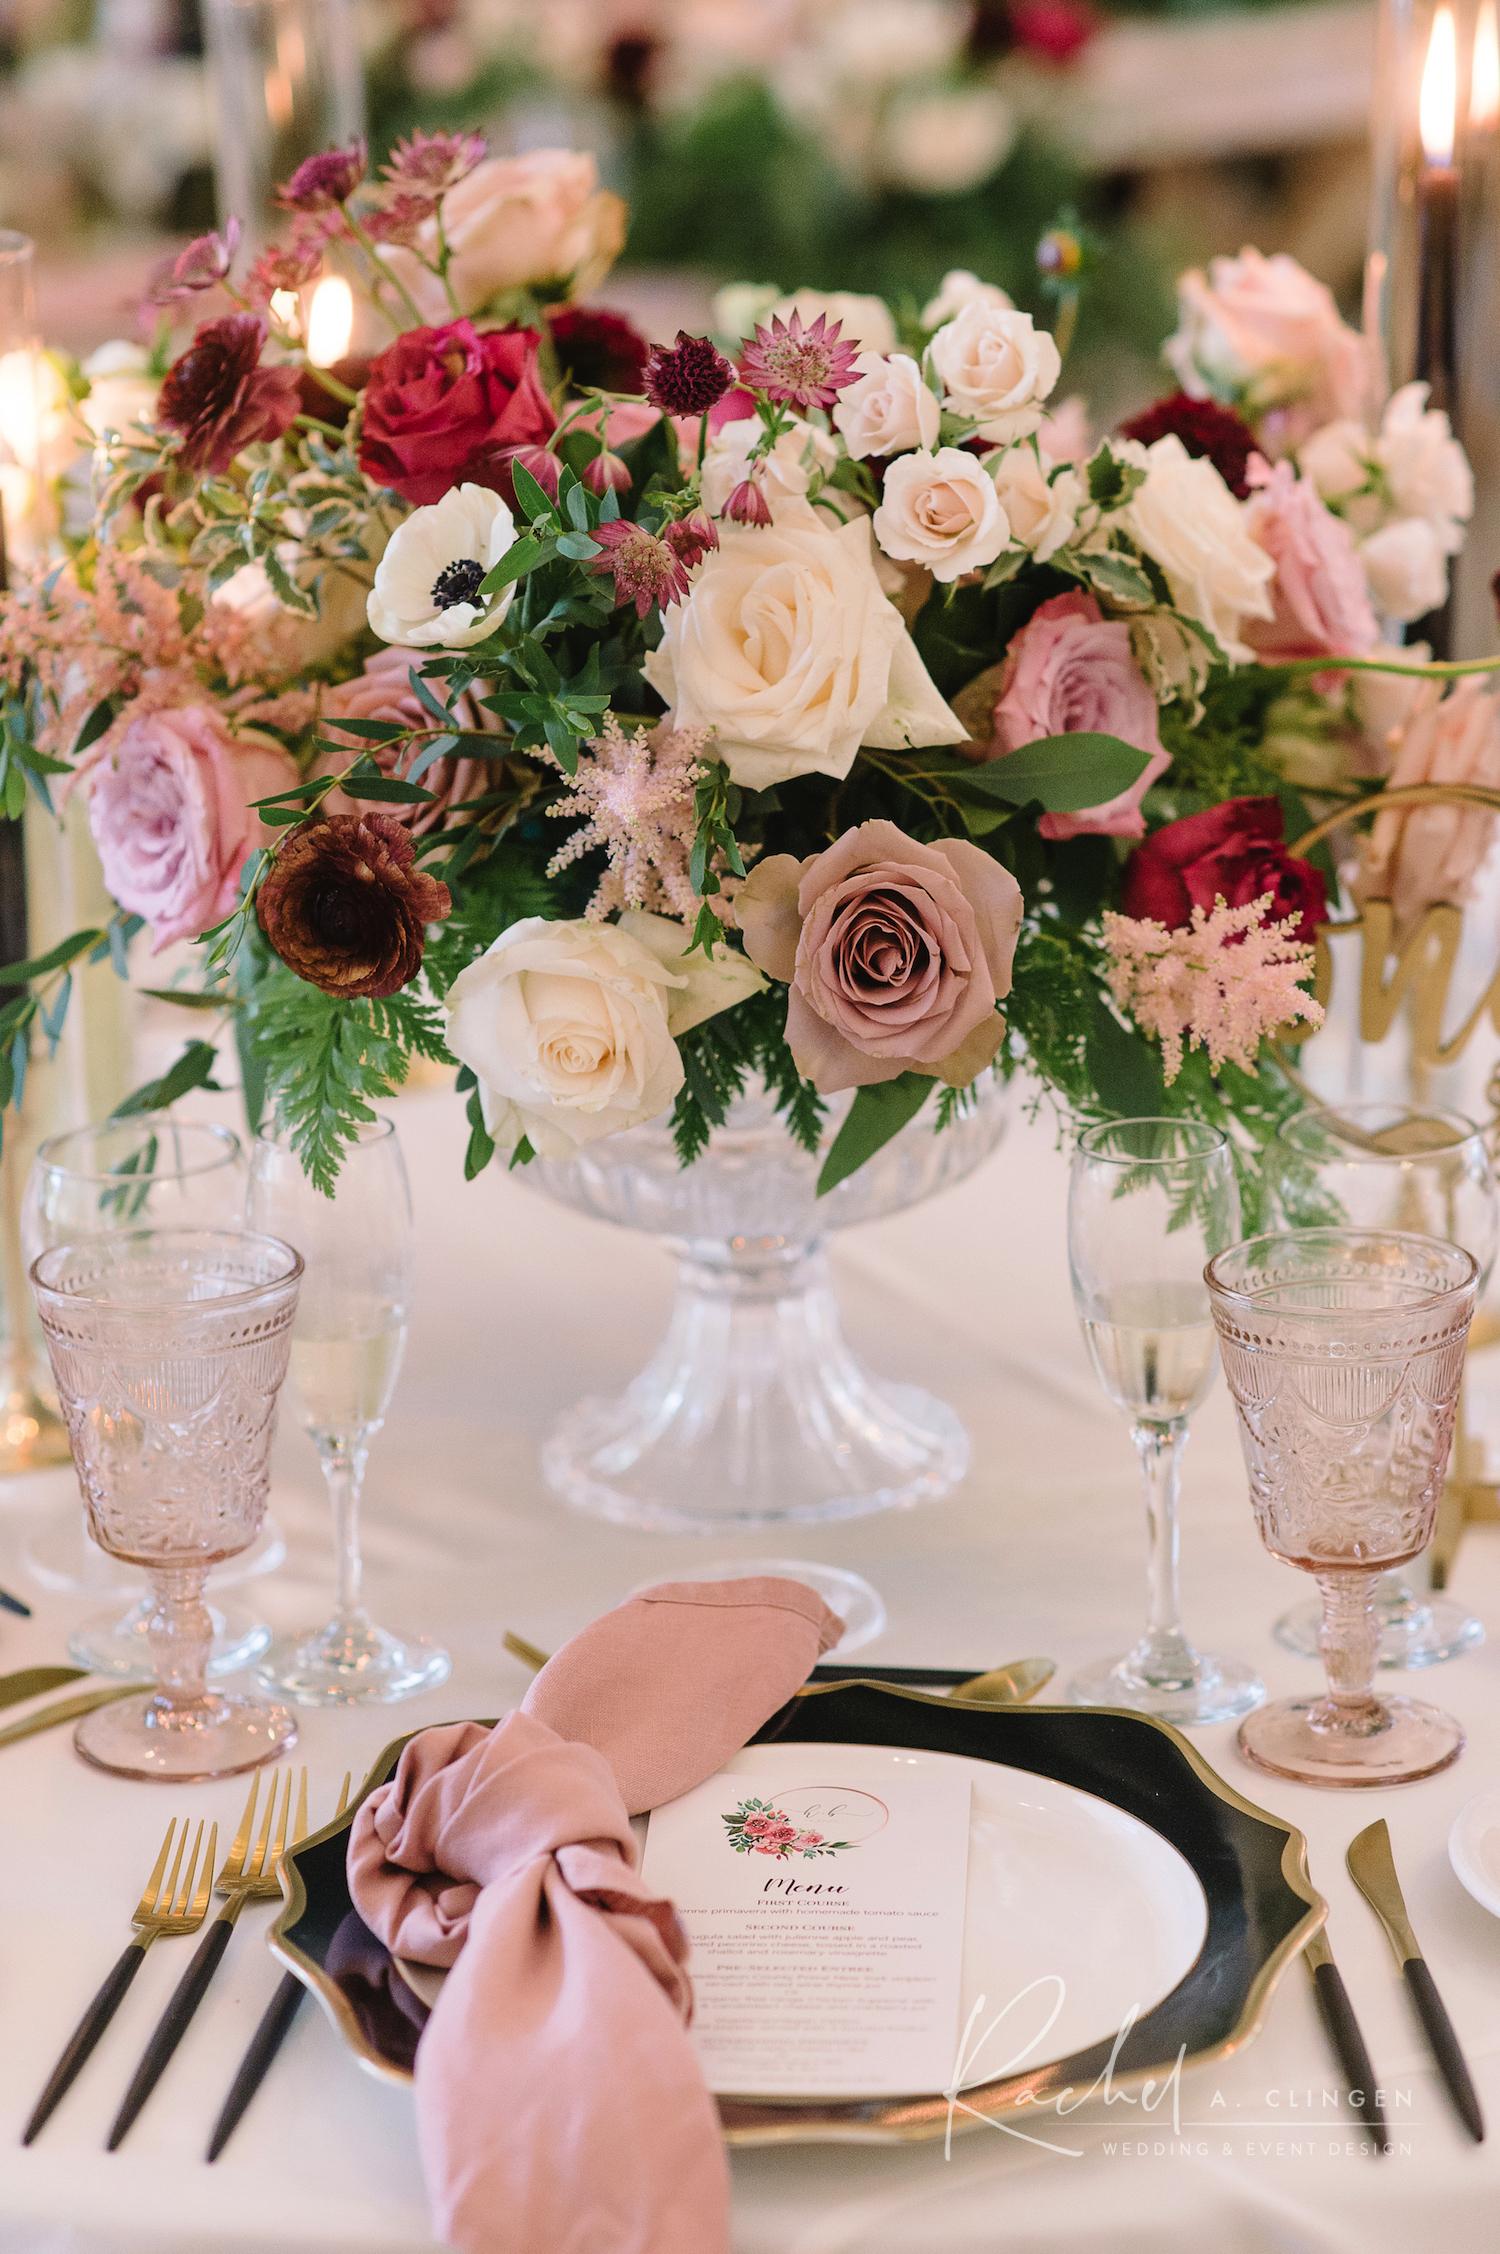 dusty rose mauve wedding decor